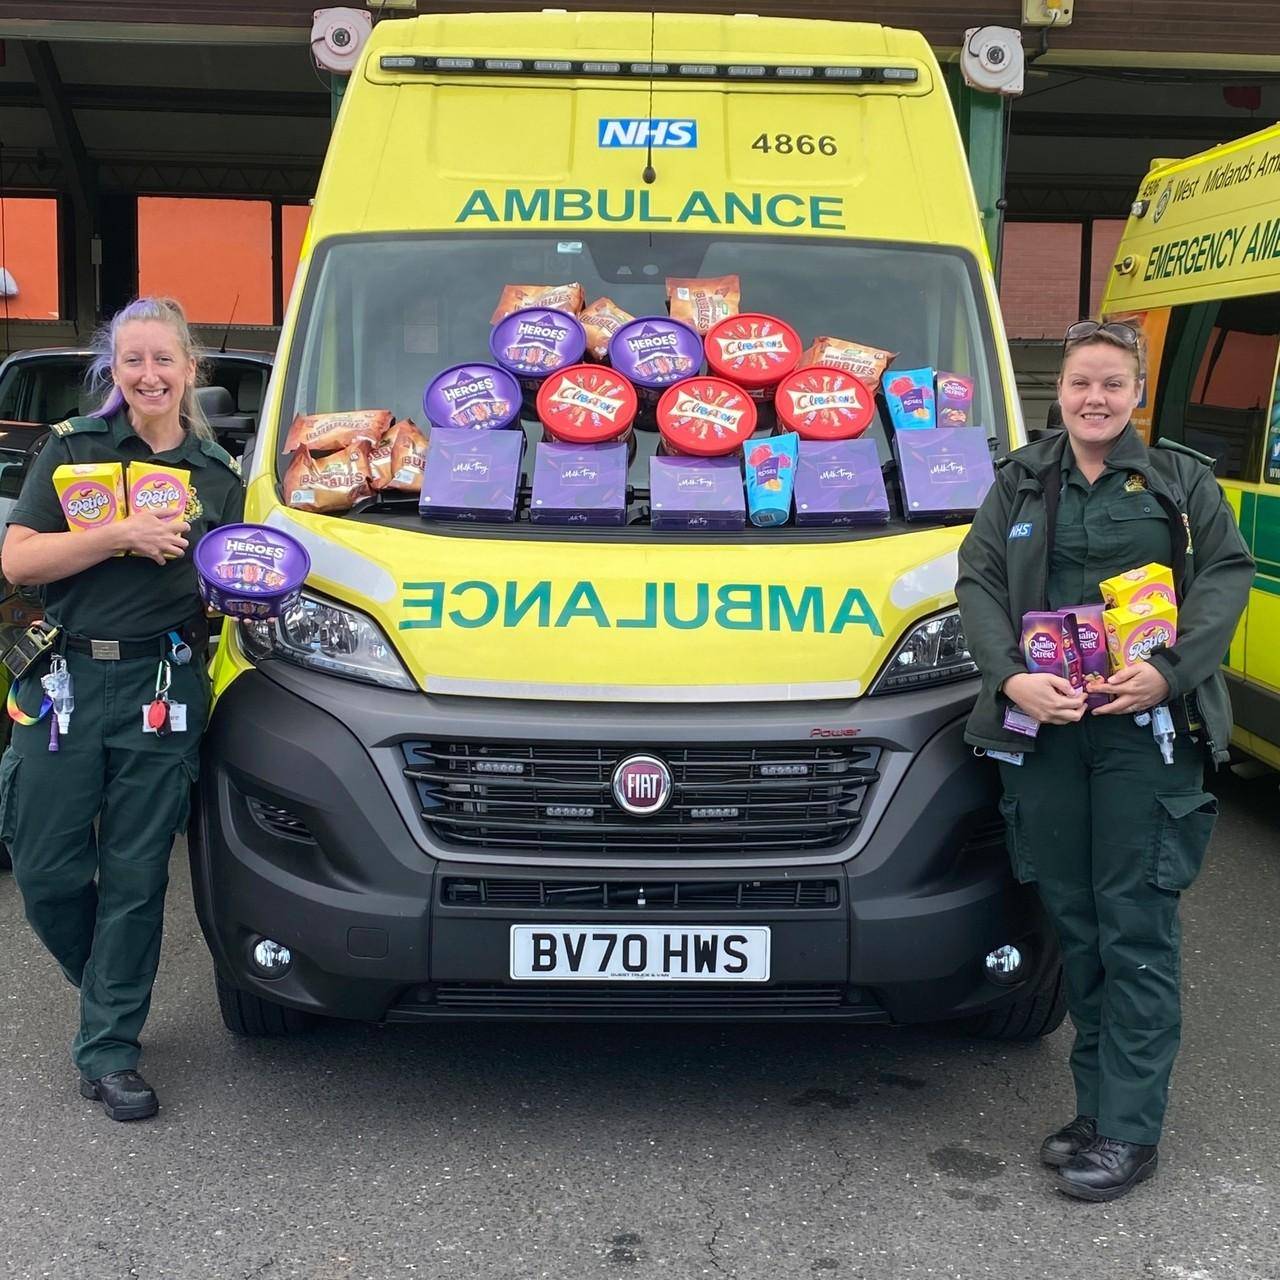 Donating to ambulance station | Asda Donnington Wood